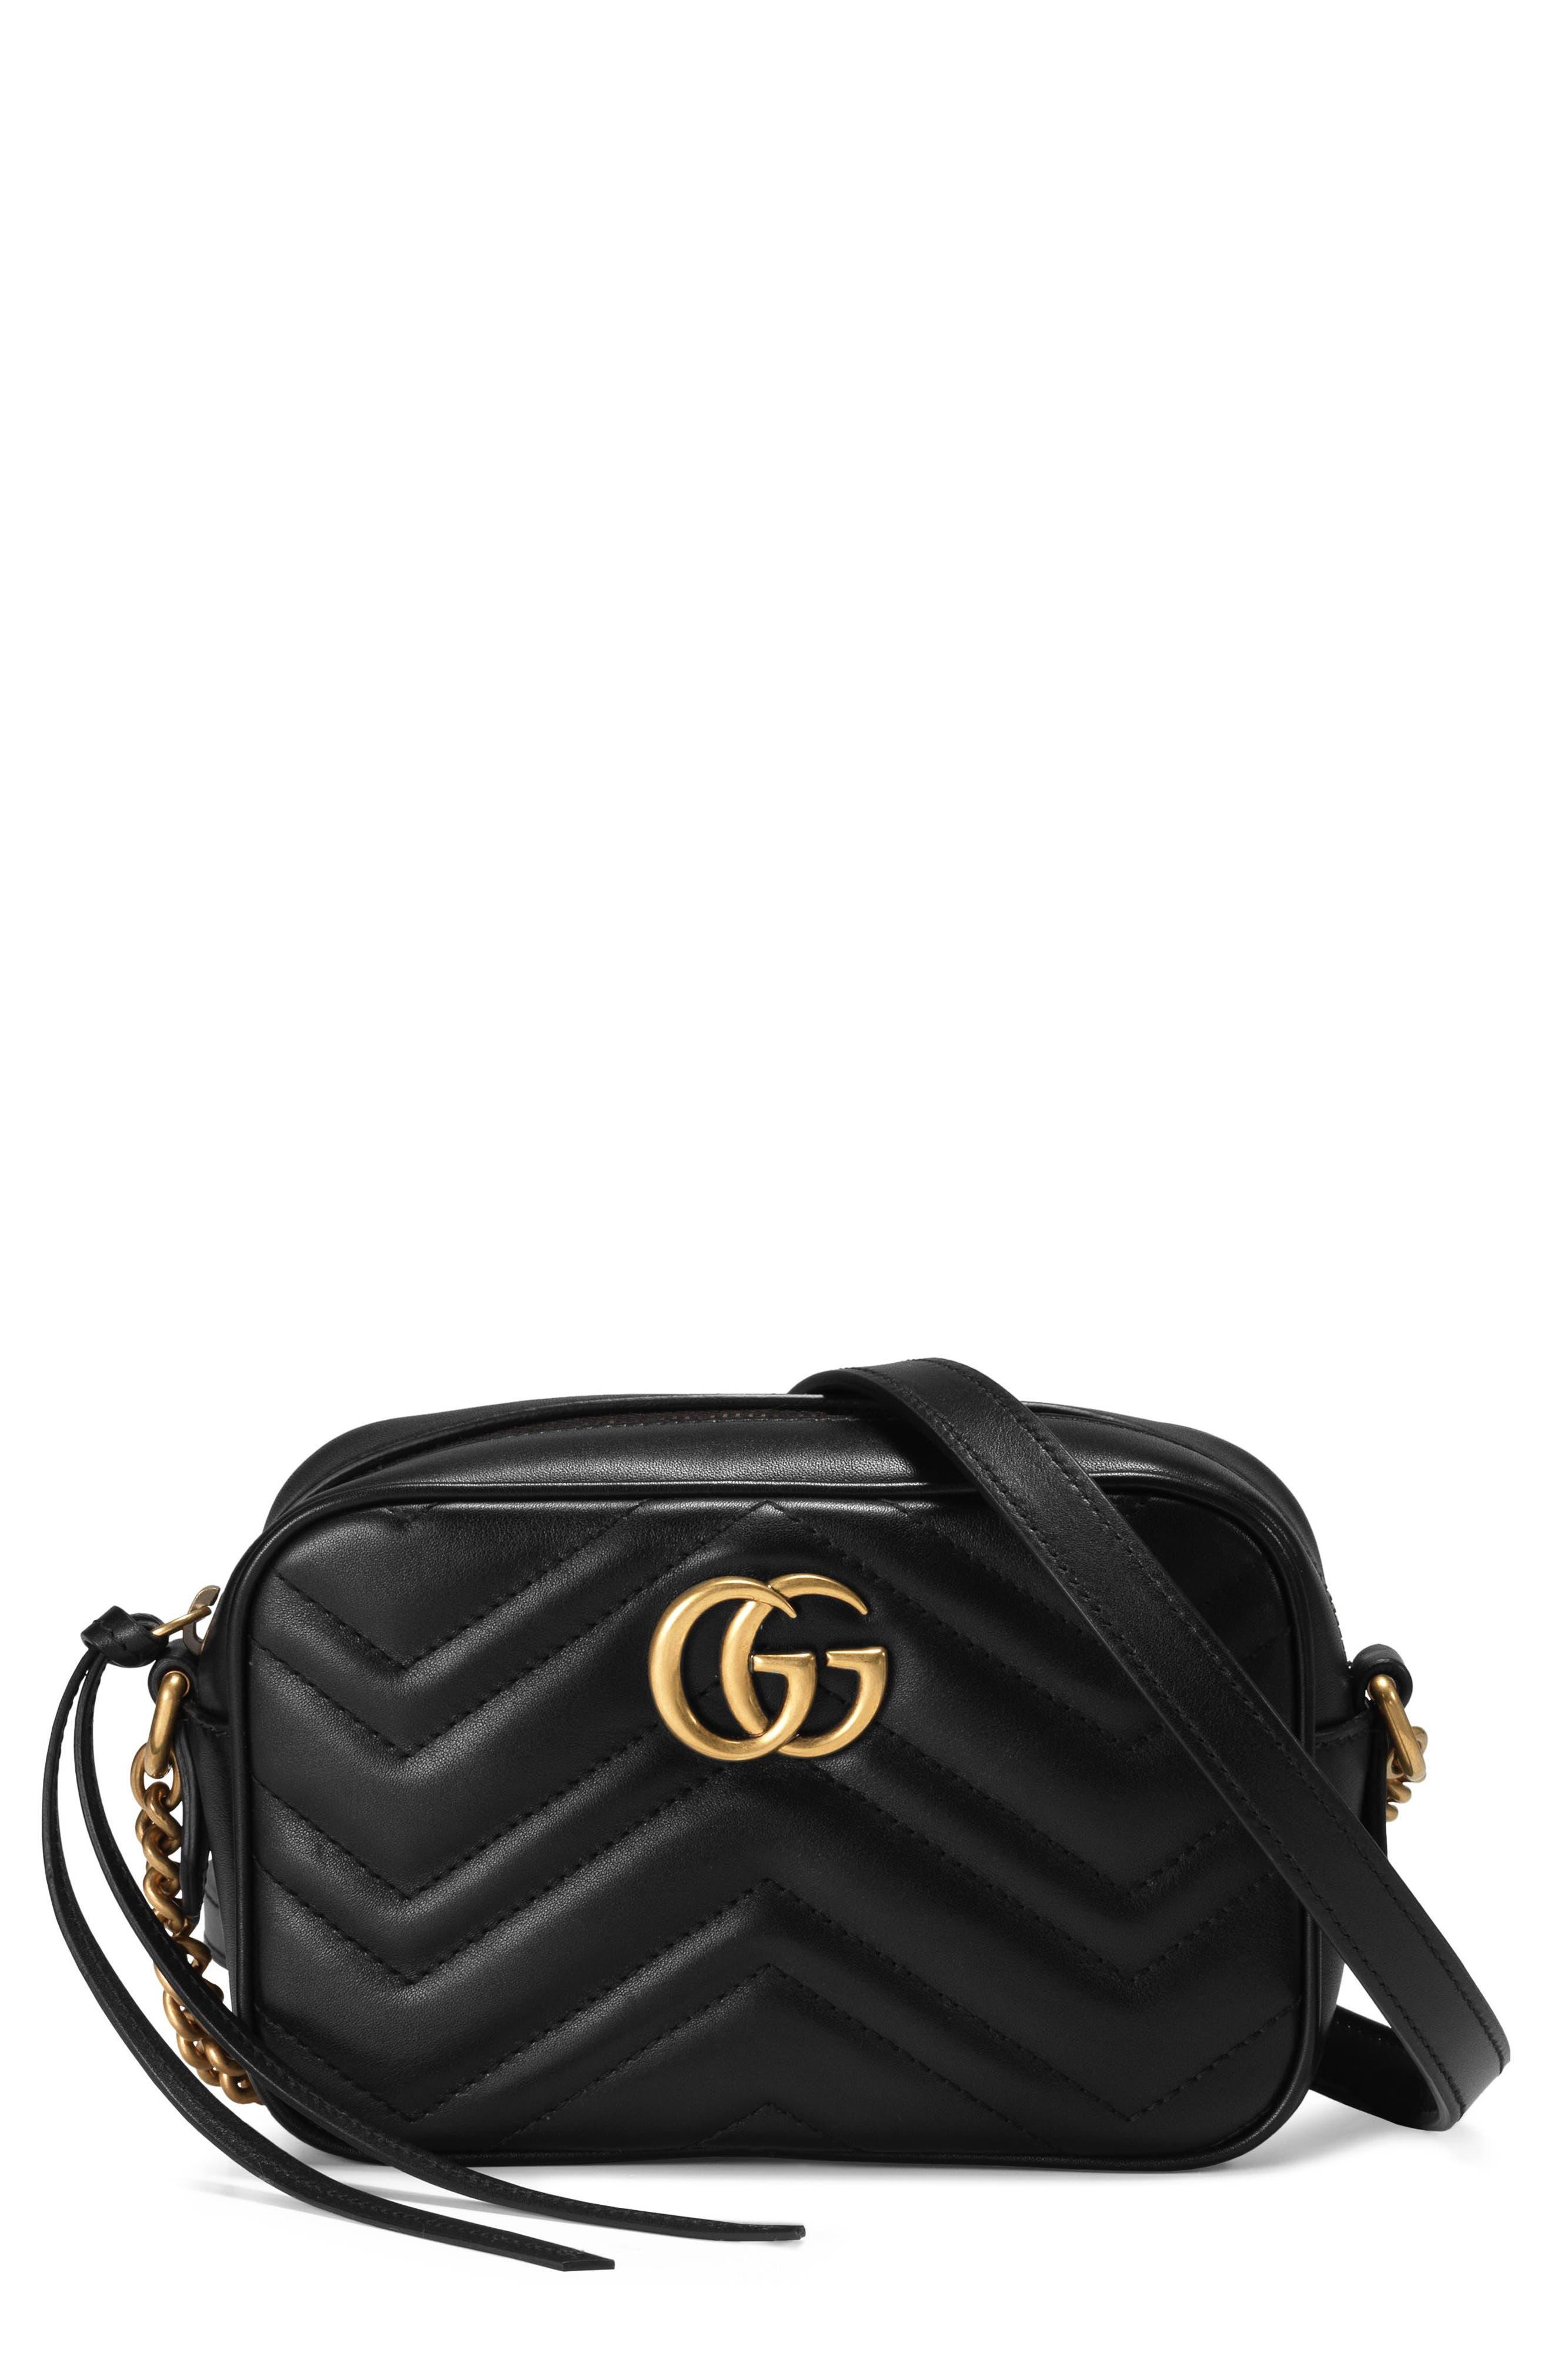 GG Marmont 2.0 Matelassé Leather Shoulder Bag,                         Main,                         color, Nero